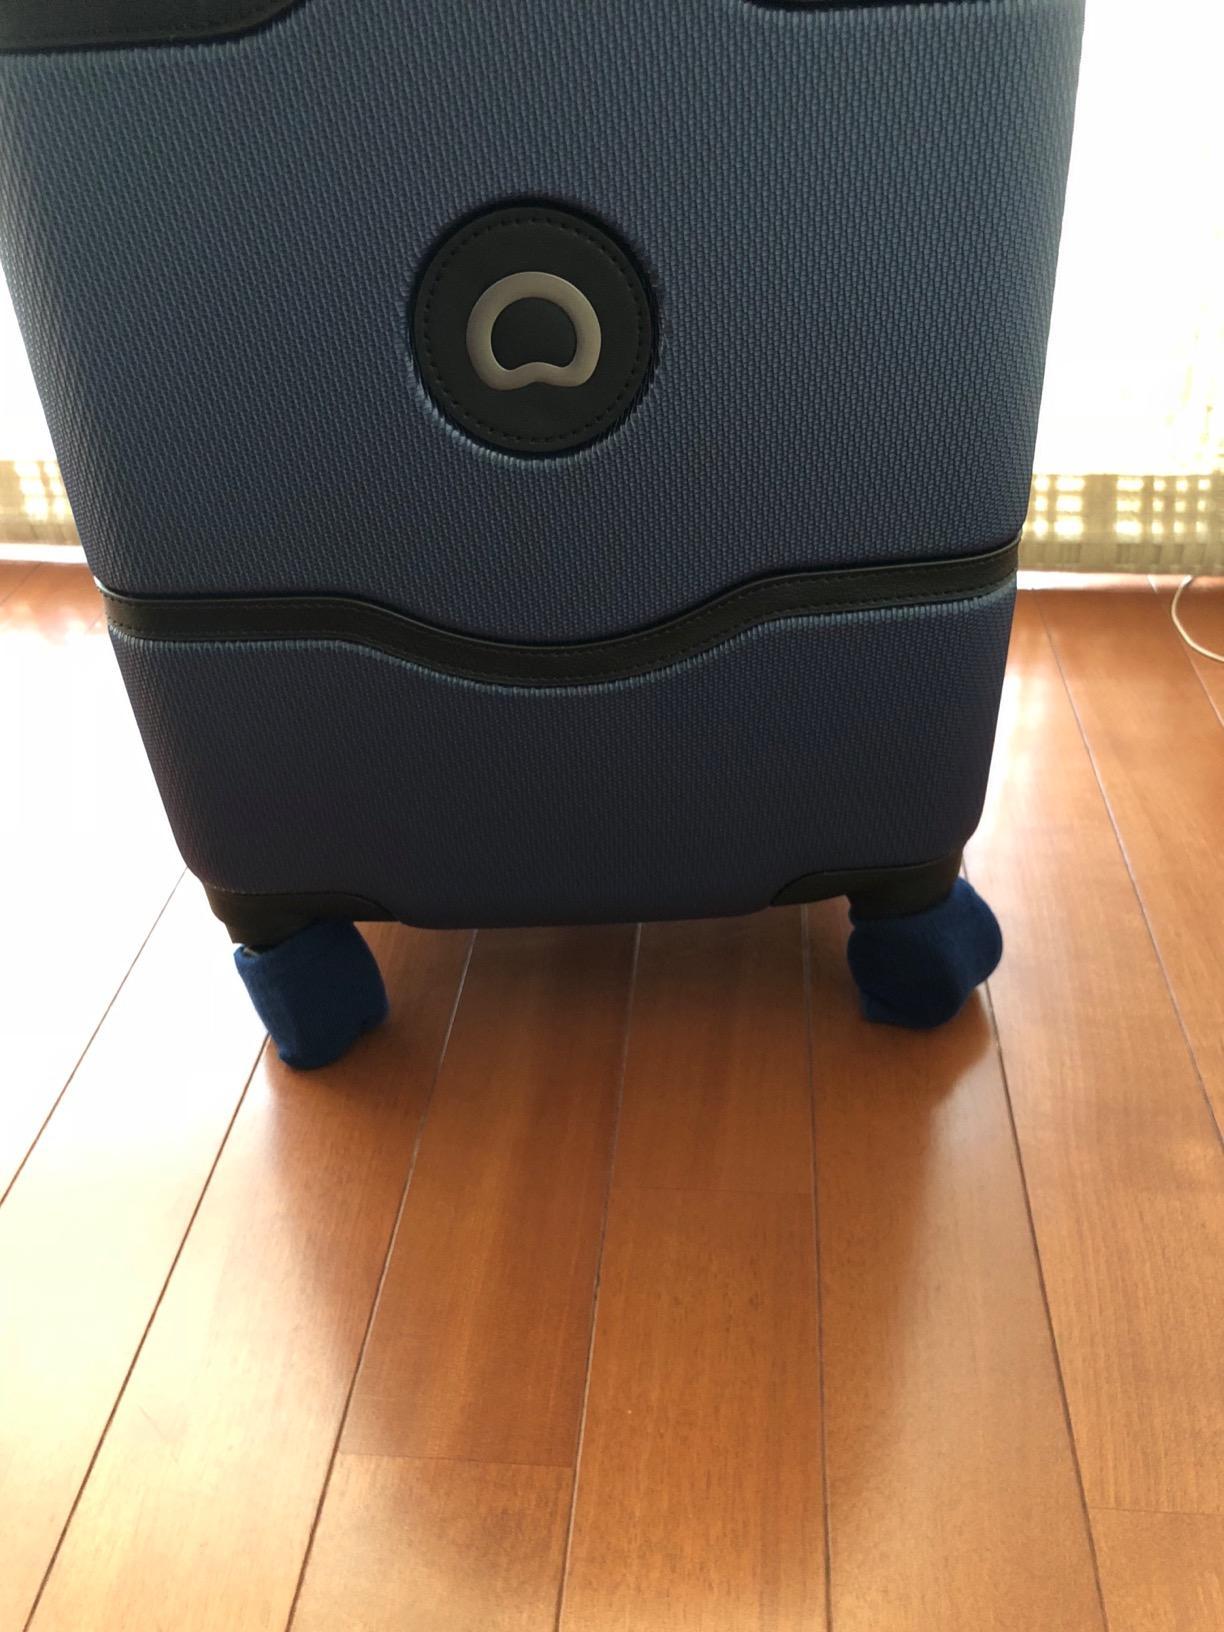 abcbdaf9d9 Natural Stuff 】 スーツケース ホイール用 カバー 保管時の床汚れを防止 ...